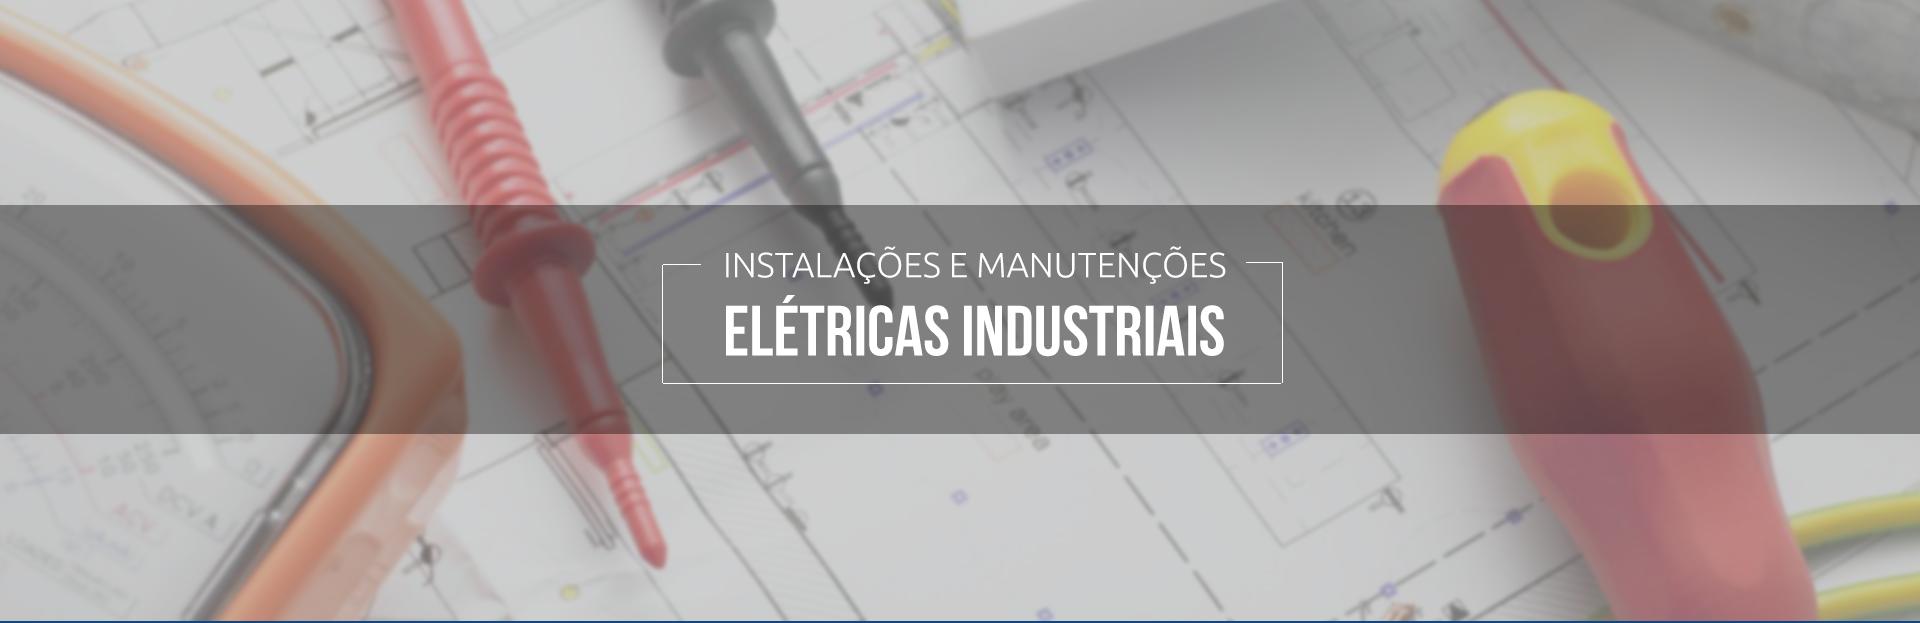 manutencao-eletrica-cnp-br-banner2